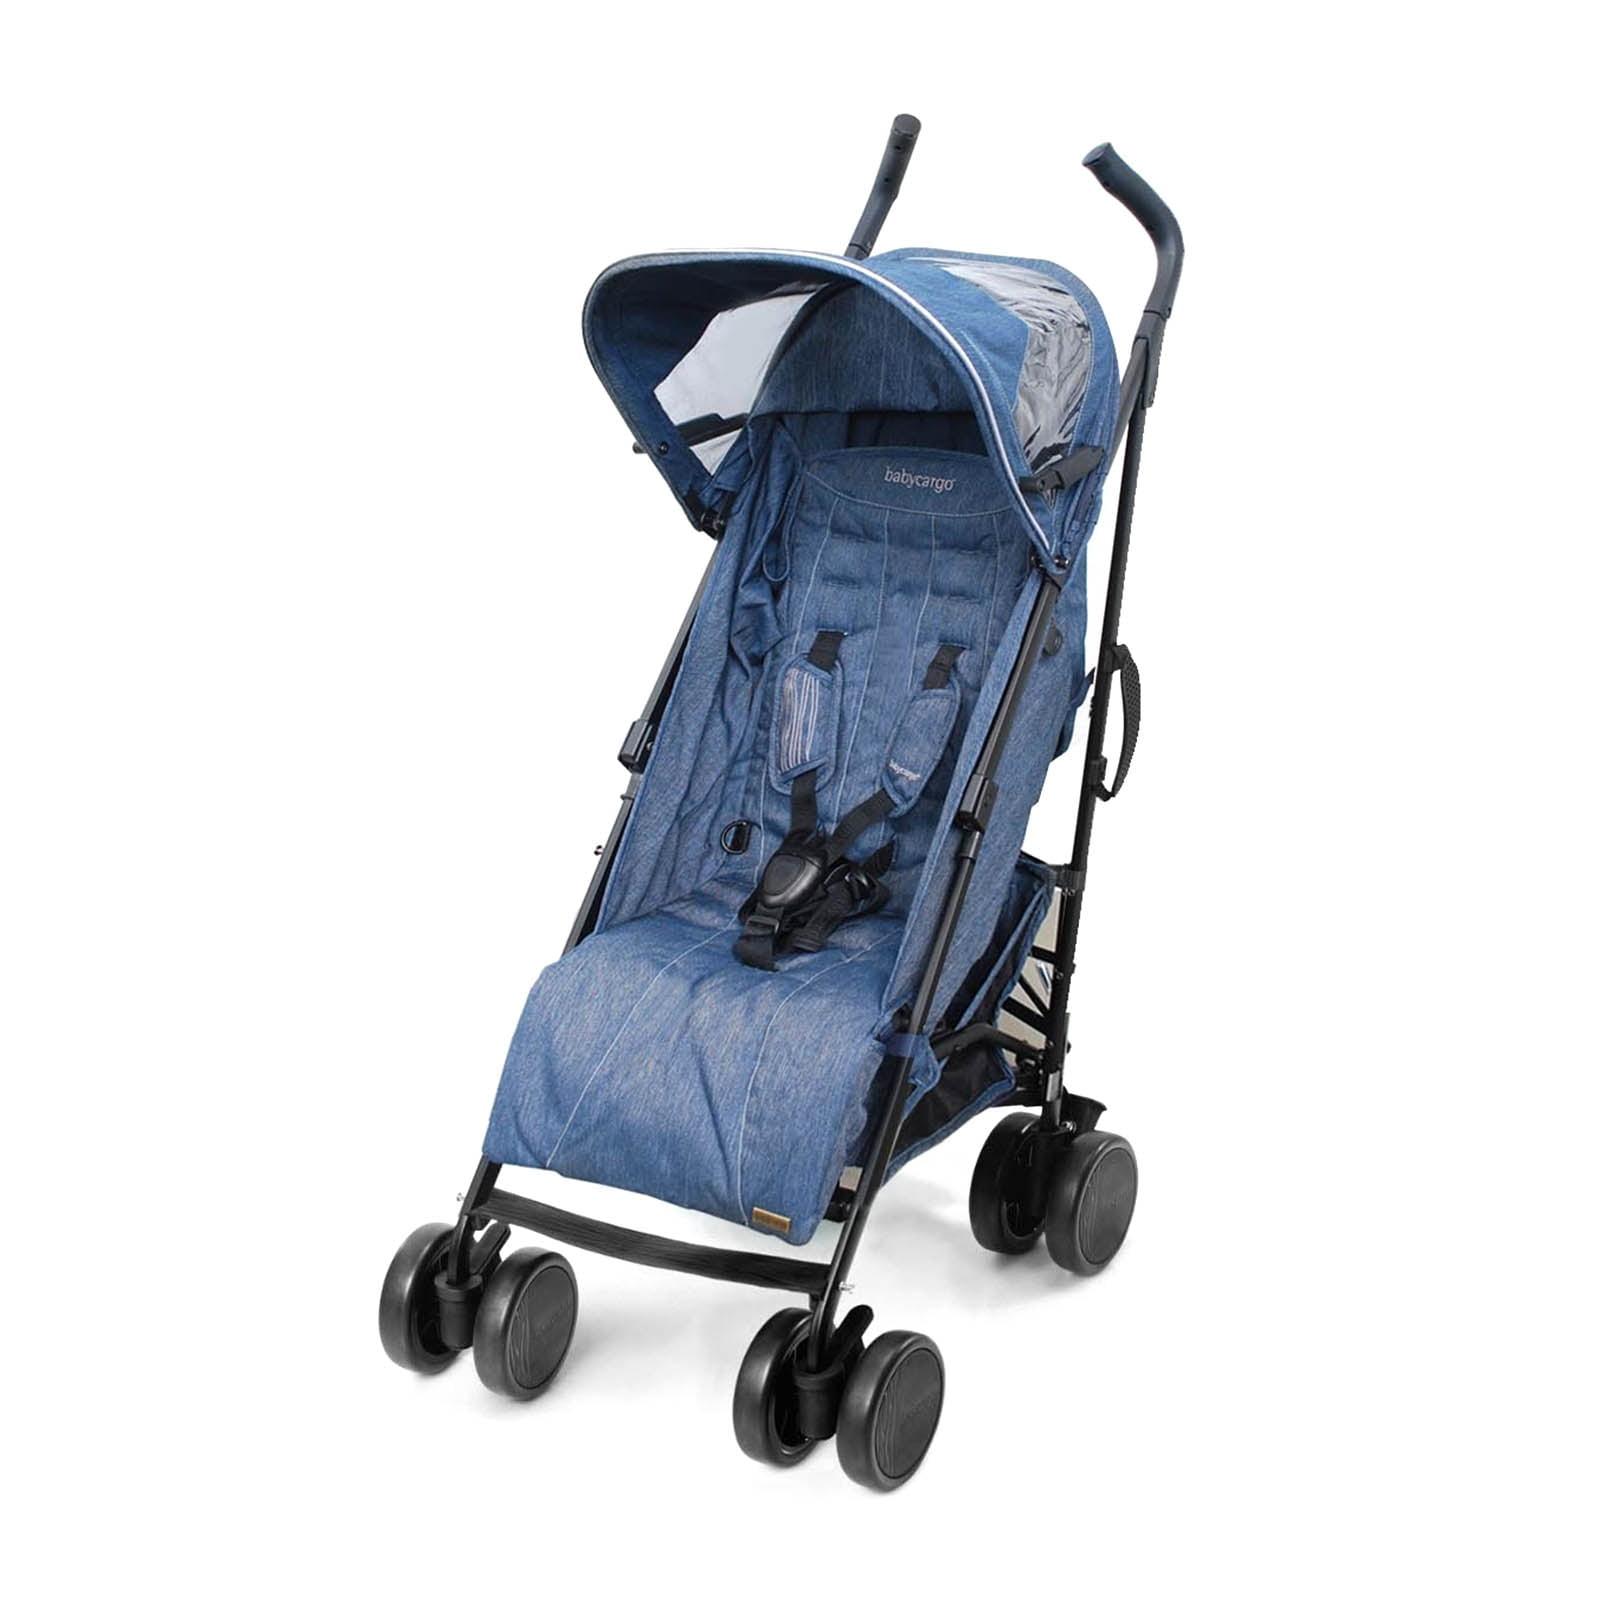 Baby Cargo 300 Series Lightweight Umbrella Stroller (Denim) by Baby Cargo